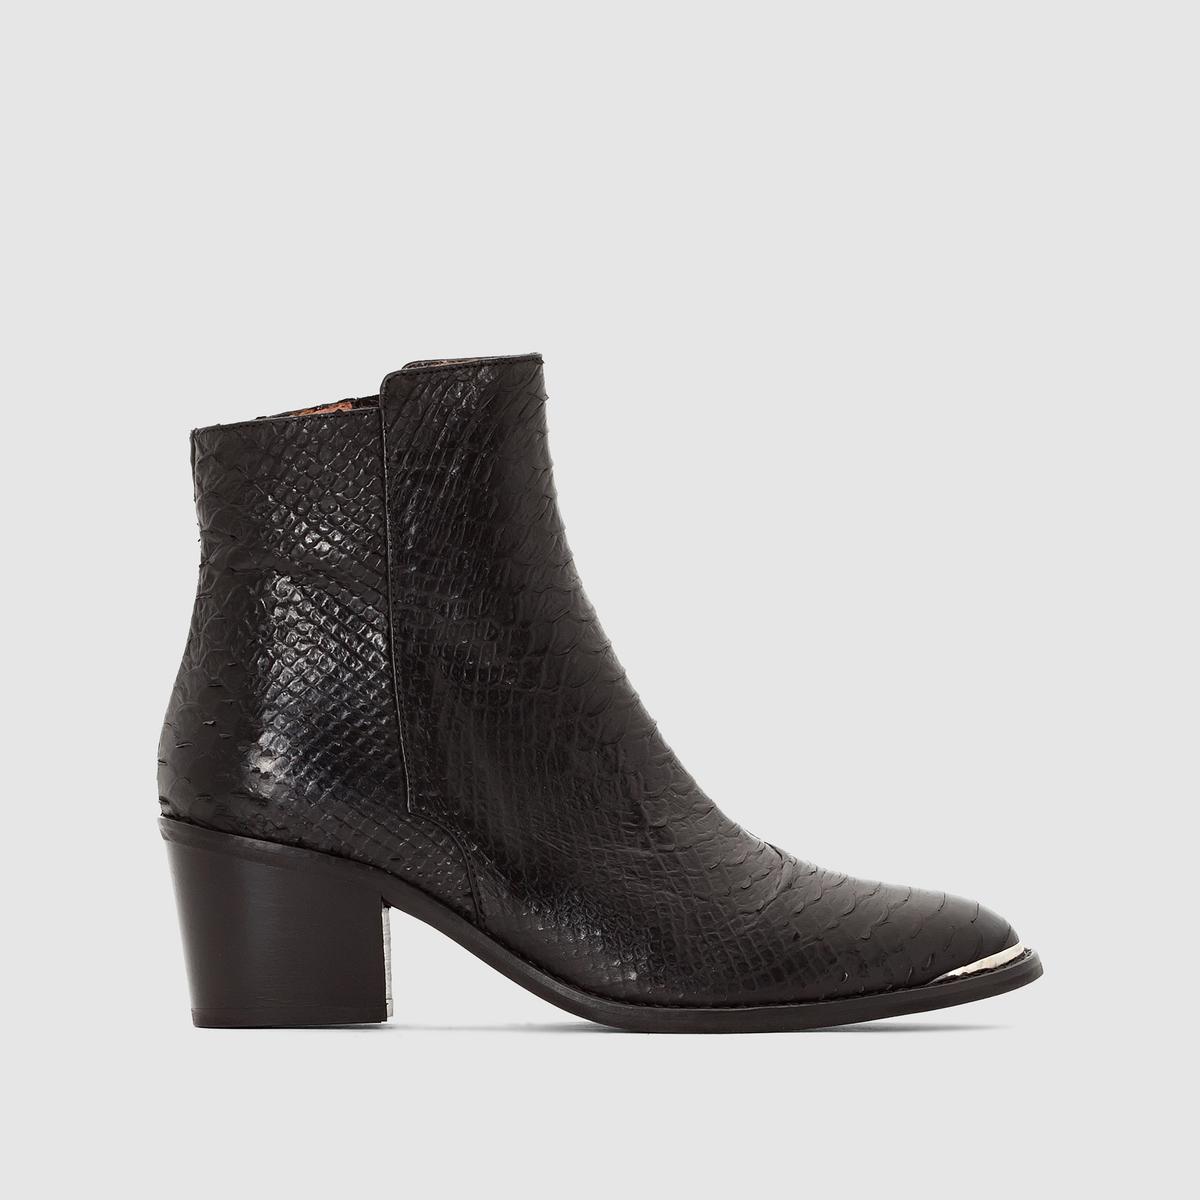 Ботильоны под крокодиловую кожу Dowly кожаныеПодкладка : Кожа.   Стелька : Кожа.   Подошва : Эластомер   Высота голенища   : 13 см   Высота каблука : 5 см   Форма каблука : широкий   Мысок : Закругленный   Застежка : Застежка на молнию<br><br>Цвет: черный/рептилия<br>Размер: 36.39